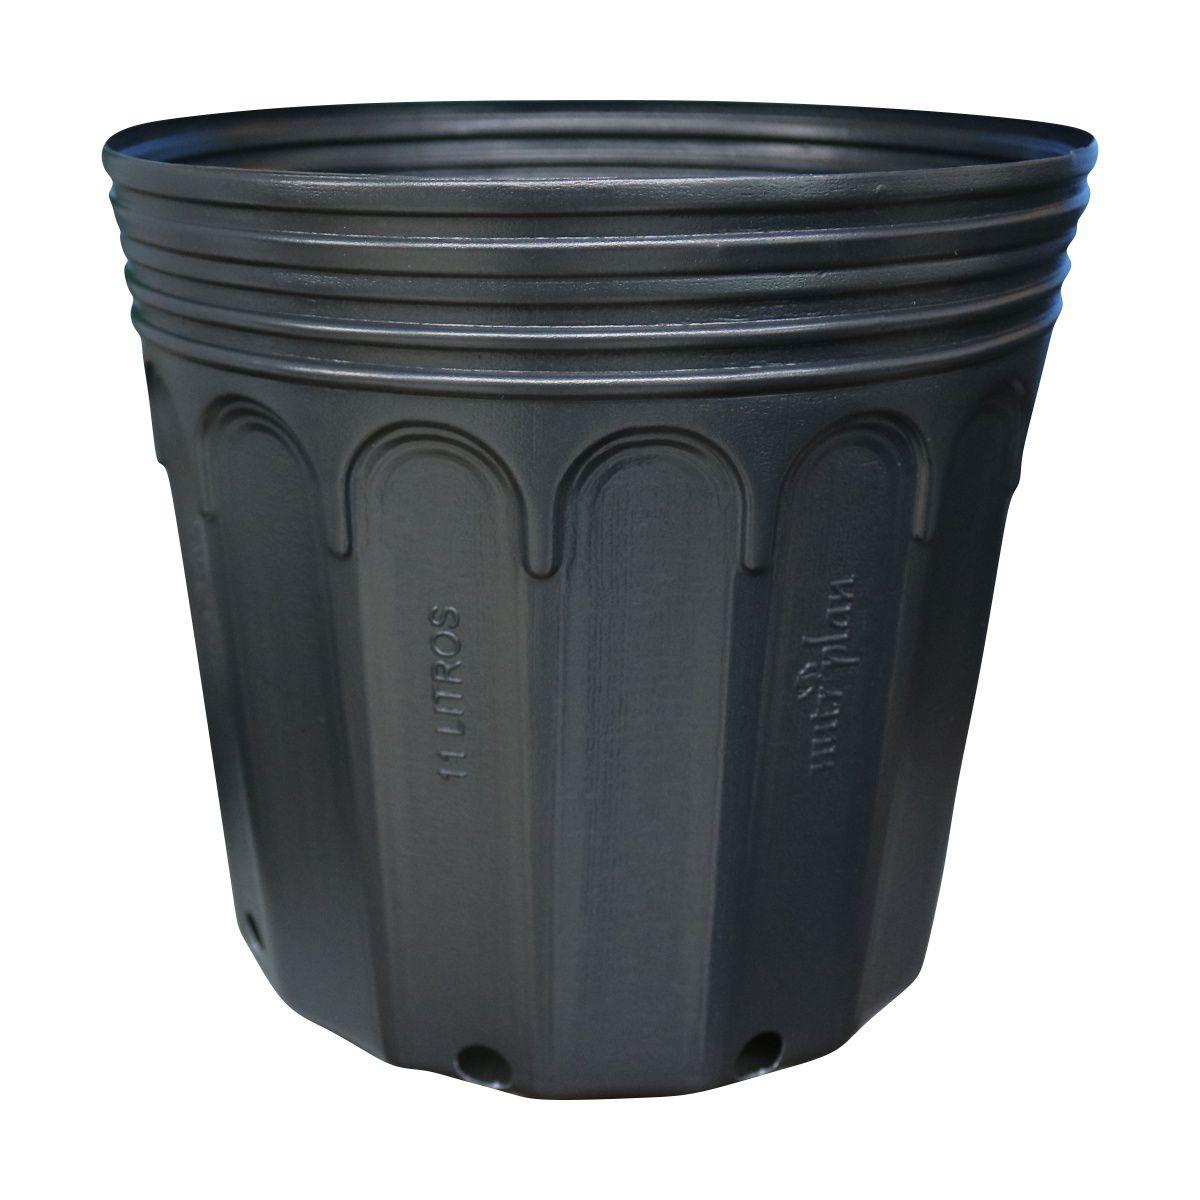 Vaso (embalagem) para muda Kit com 10 potes de 11 litros